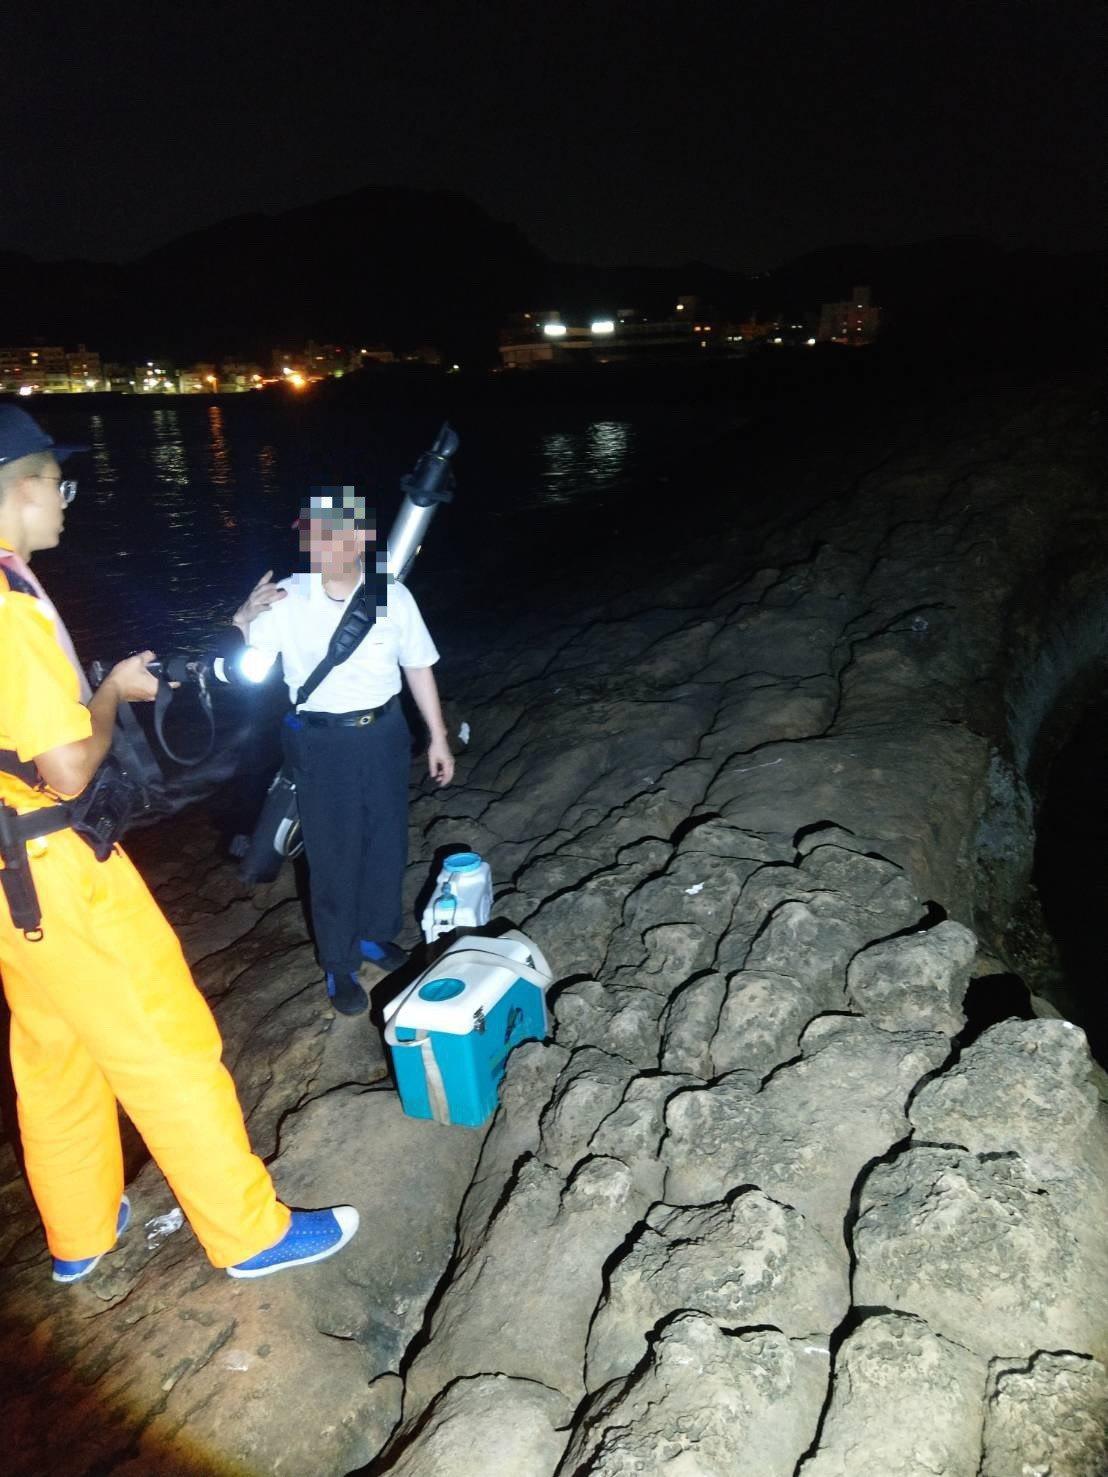 安檢所人員發現園區門禁內有一名釣客闖入違規垂釣,立即蒐證調查。記者游明煌/翻攝